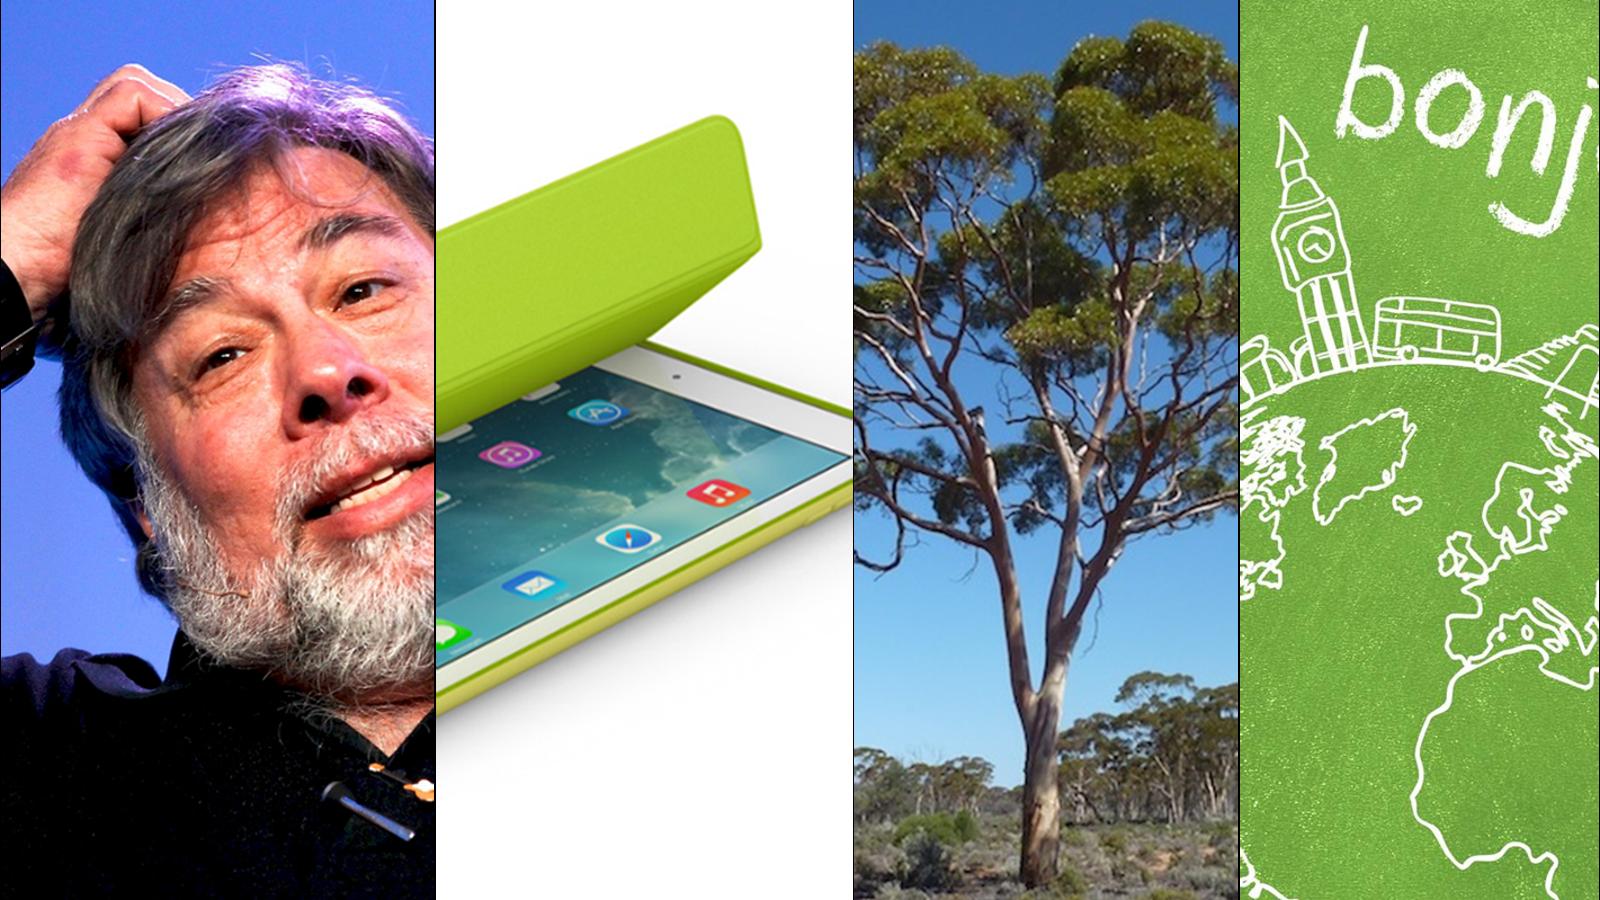 Nuevos iPad, Mavericks y árboles de oro, las historias de la semana